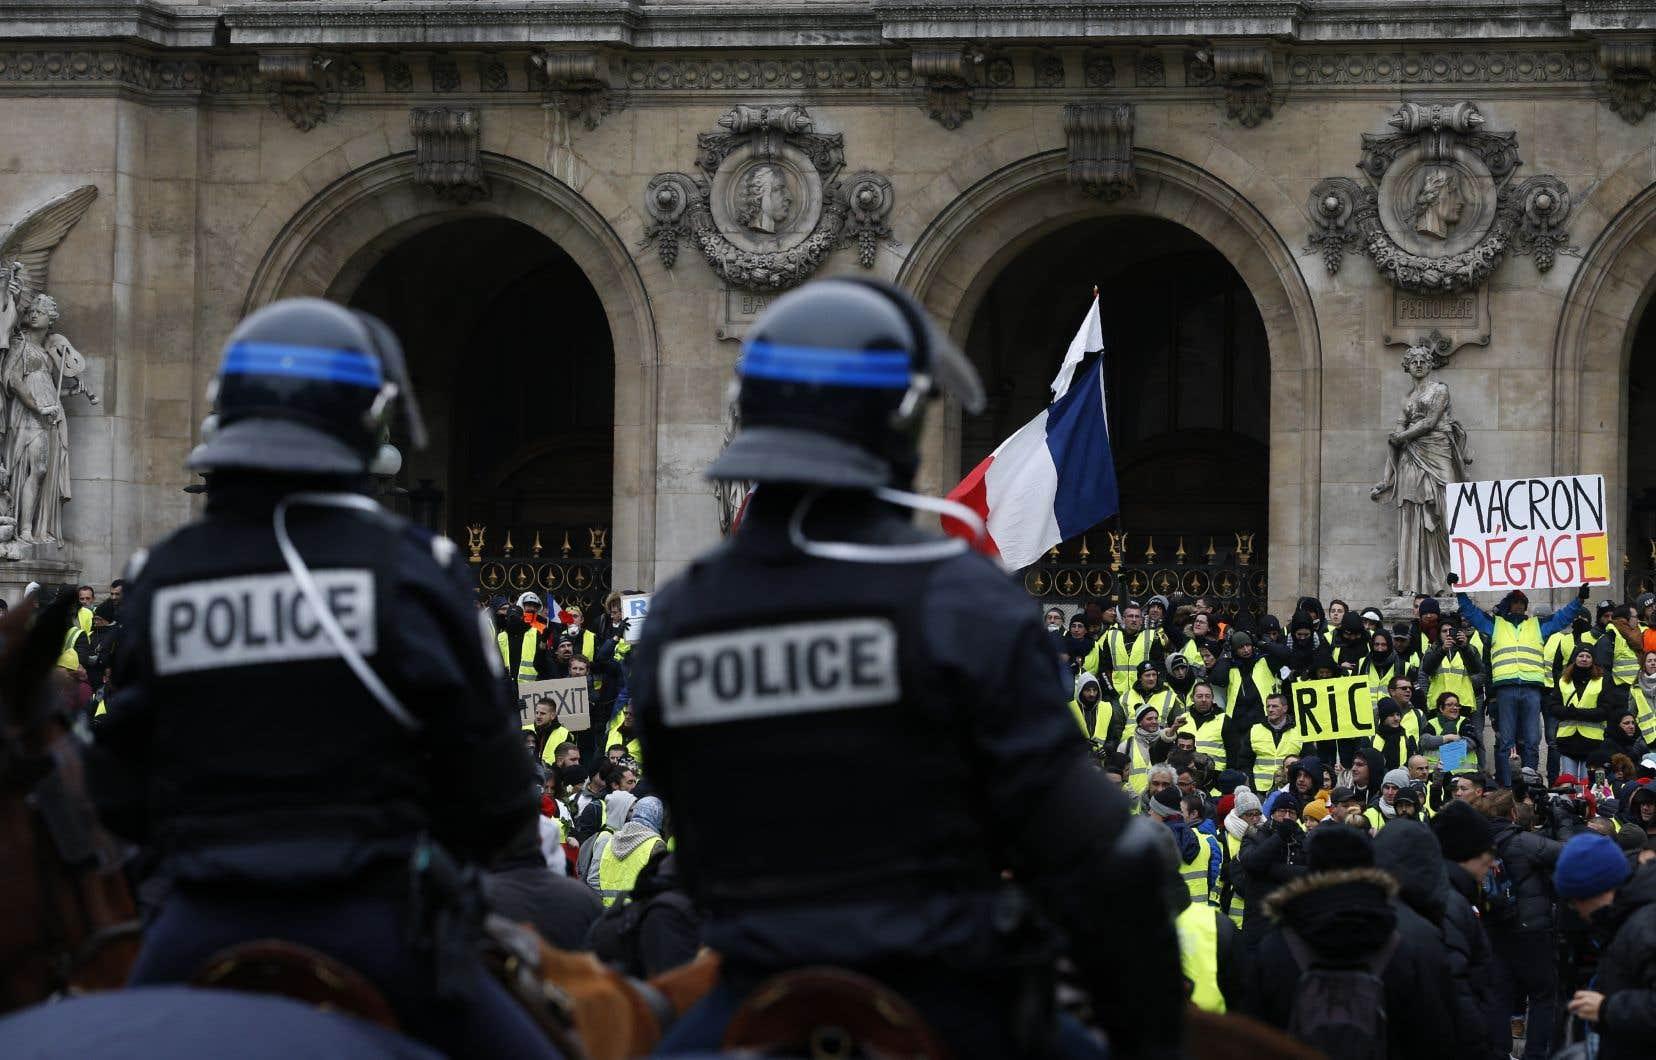 La photographie originale, où l'un des manifestants brandit une pancarte où l'on peut lire «Macron dégage».